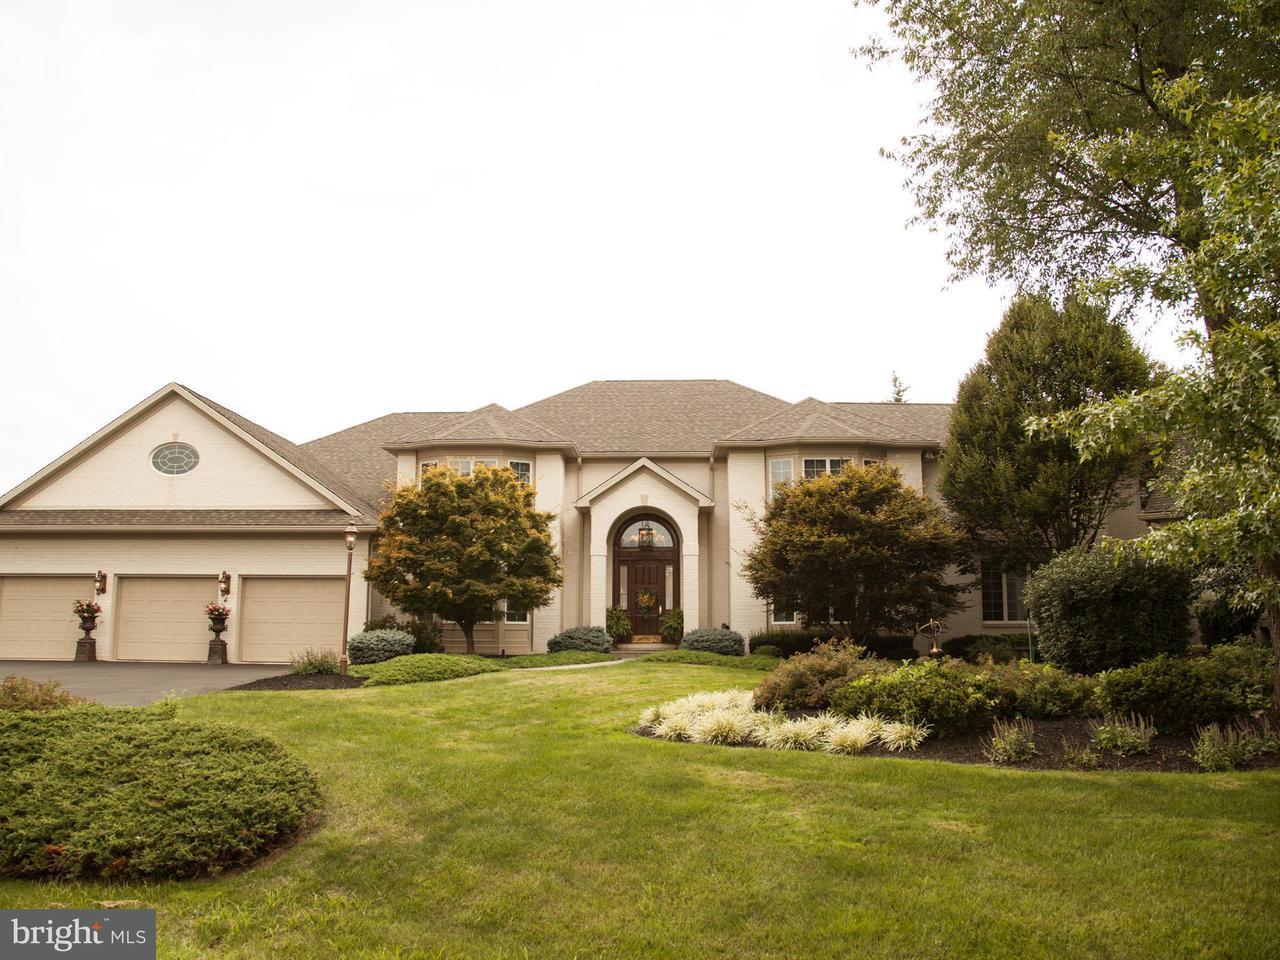 Μονοκατοικία για την Πώληση στο 12906 Lance Circle 12906 Lance Circle Hagerstown, Μεριλαντ 21742 Ηνωμενεσ Πολιτειεσ